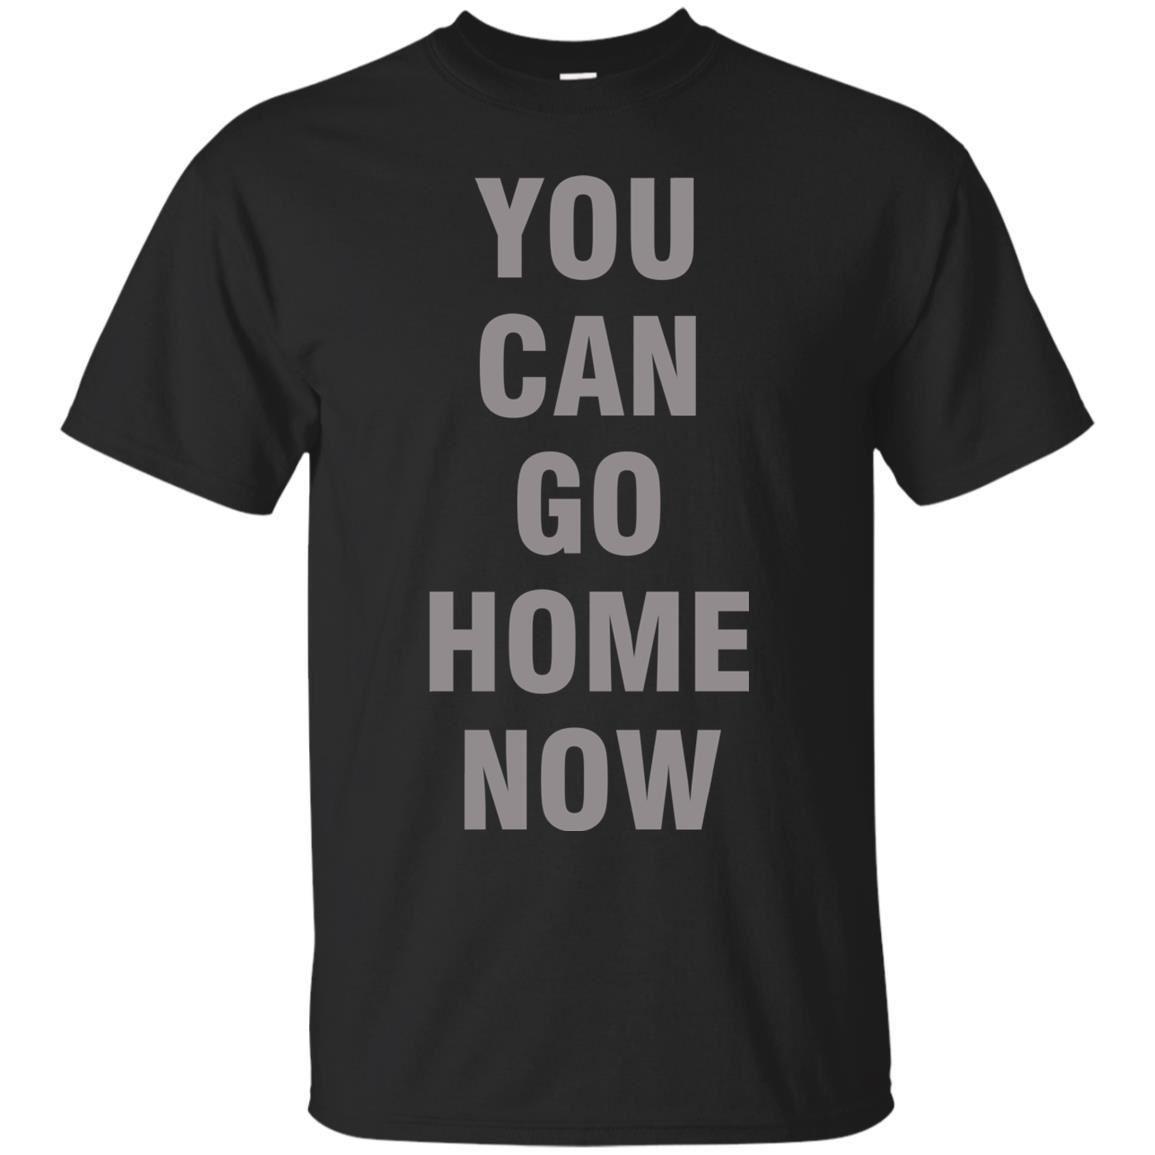 ad6753e18f Compre Preto. T Shirt Branca Você Pode Ir Para Casa Agora Camisa, Motivação  De Treino 2019 Camisas De Manga Curta De Algodão Homem Roupas De  Yvettestore, ...